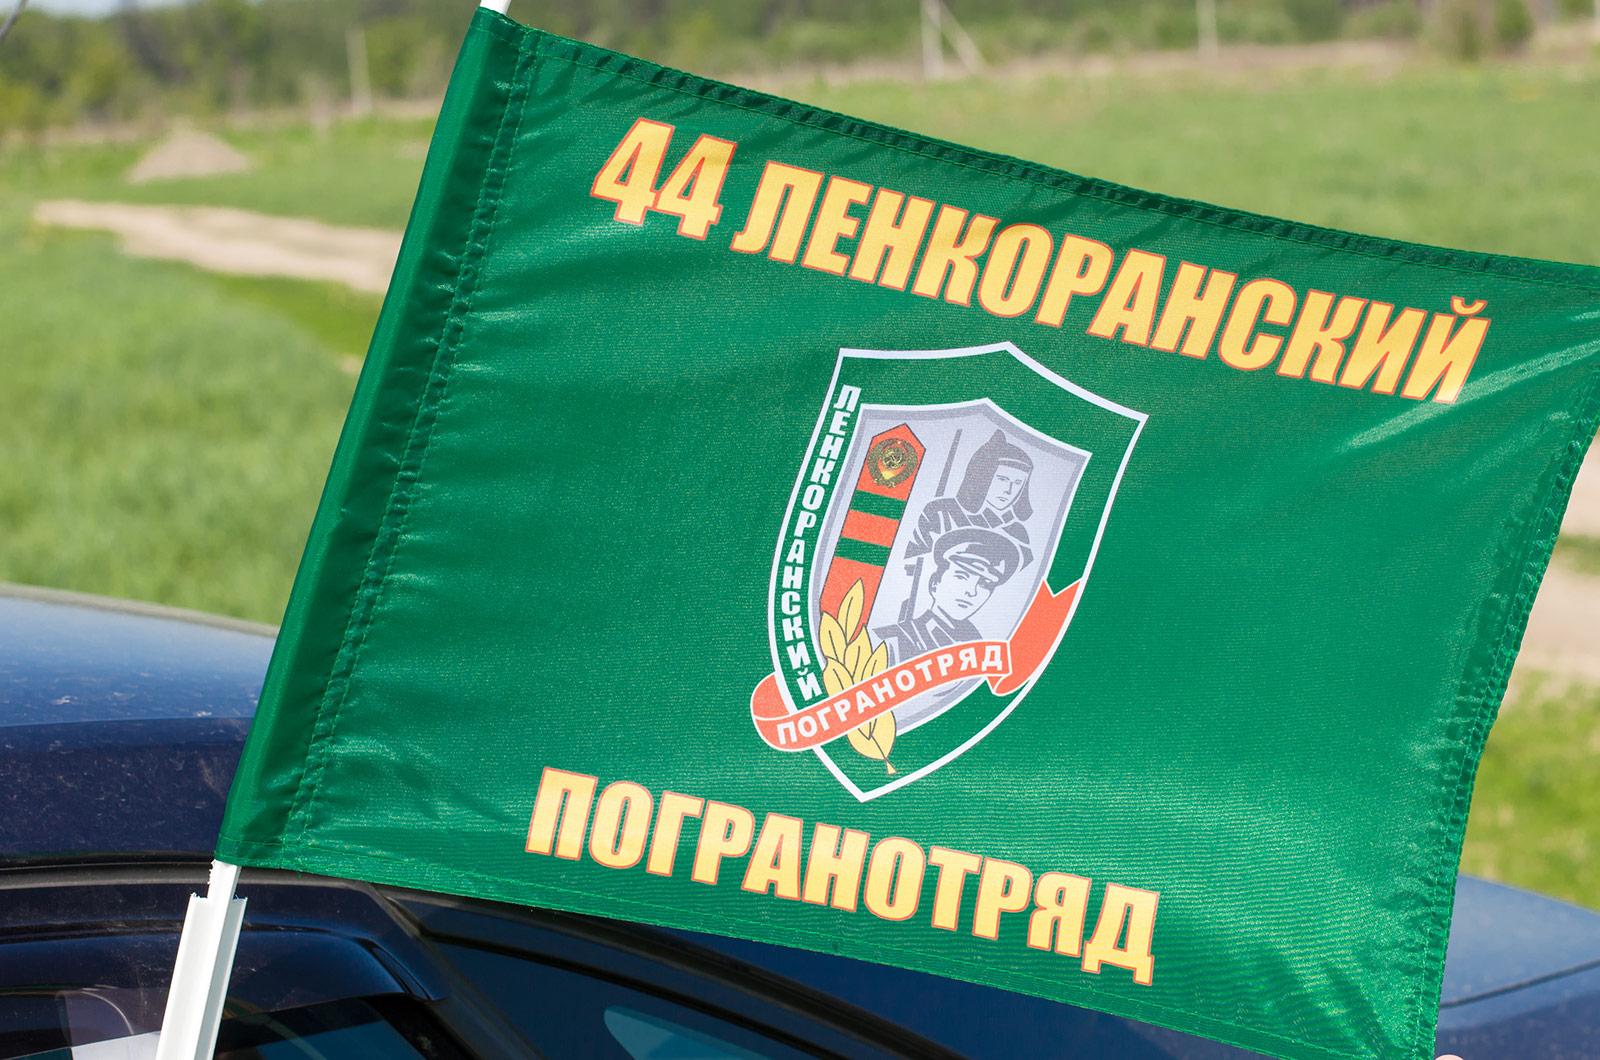 Флаг на машину «Ленкоранский погранотряд»